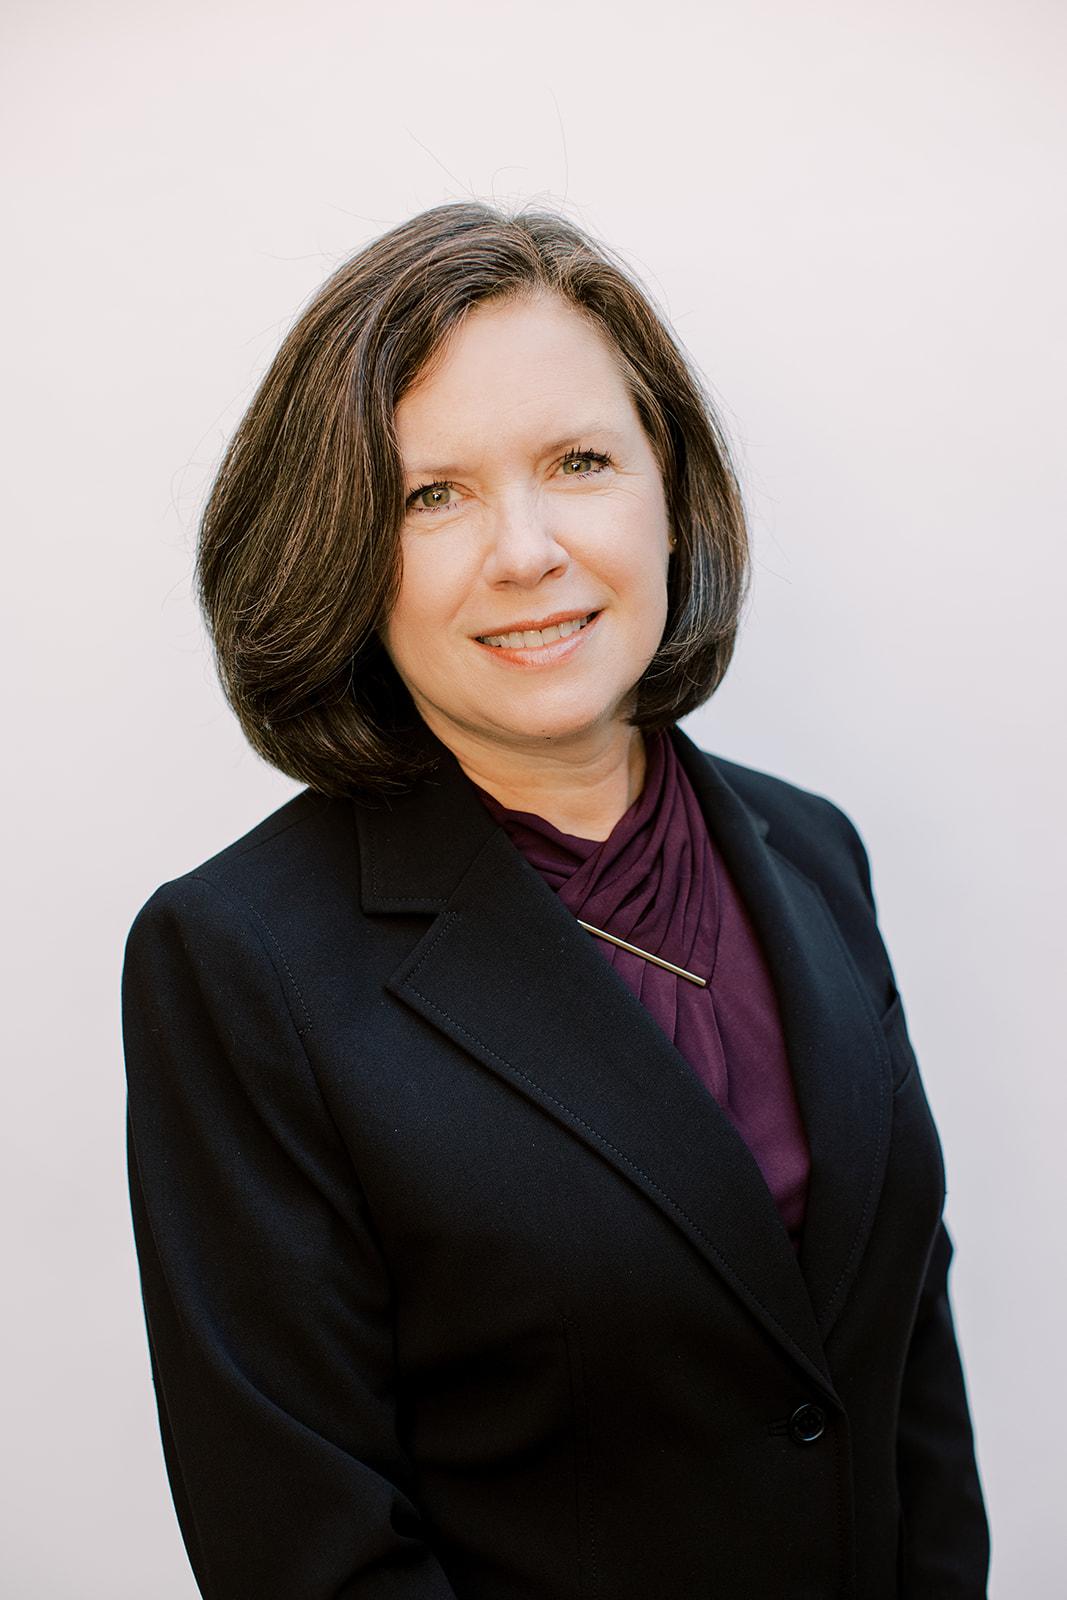 K. Lynn Kittrell, CFP®